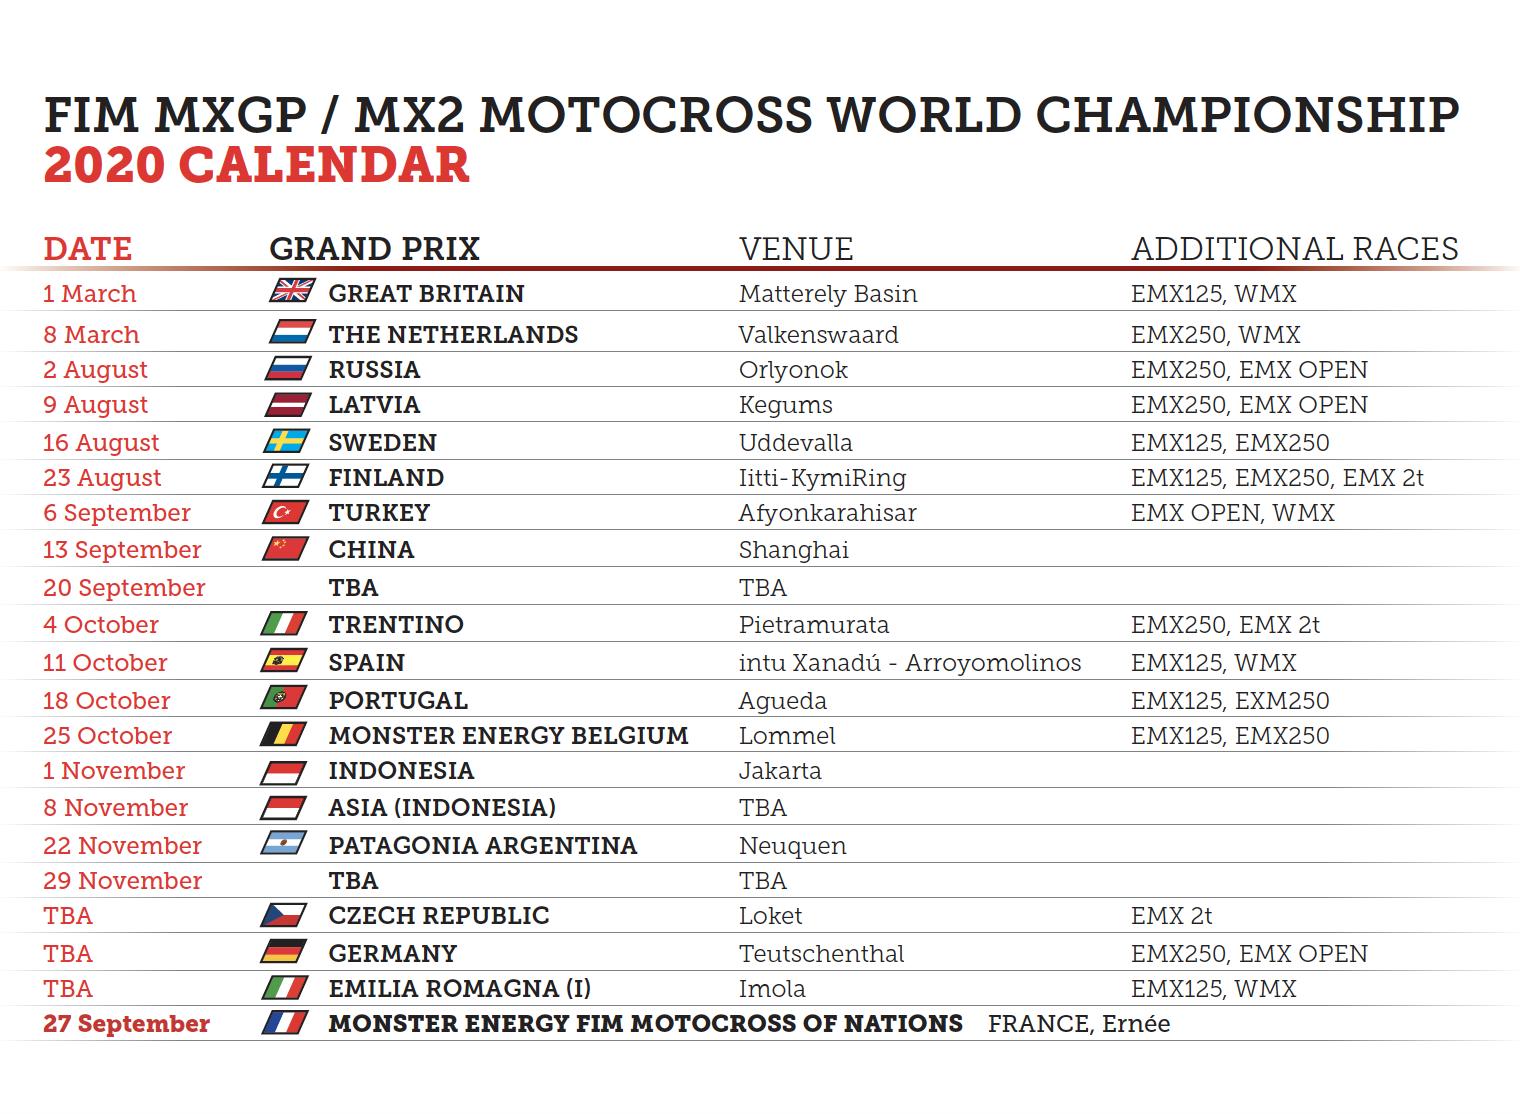 MXGP Calendar update !!